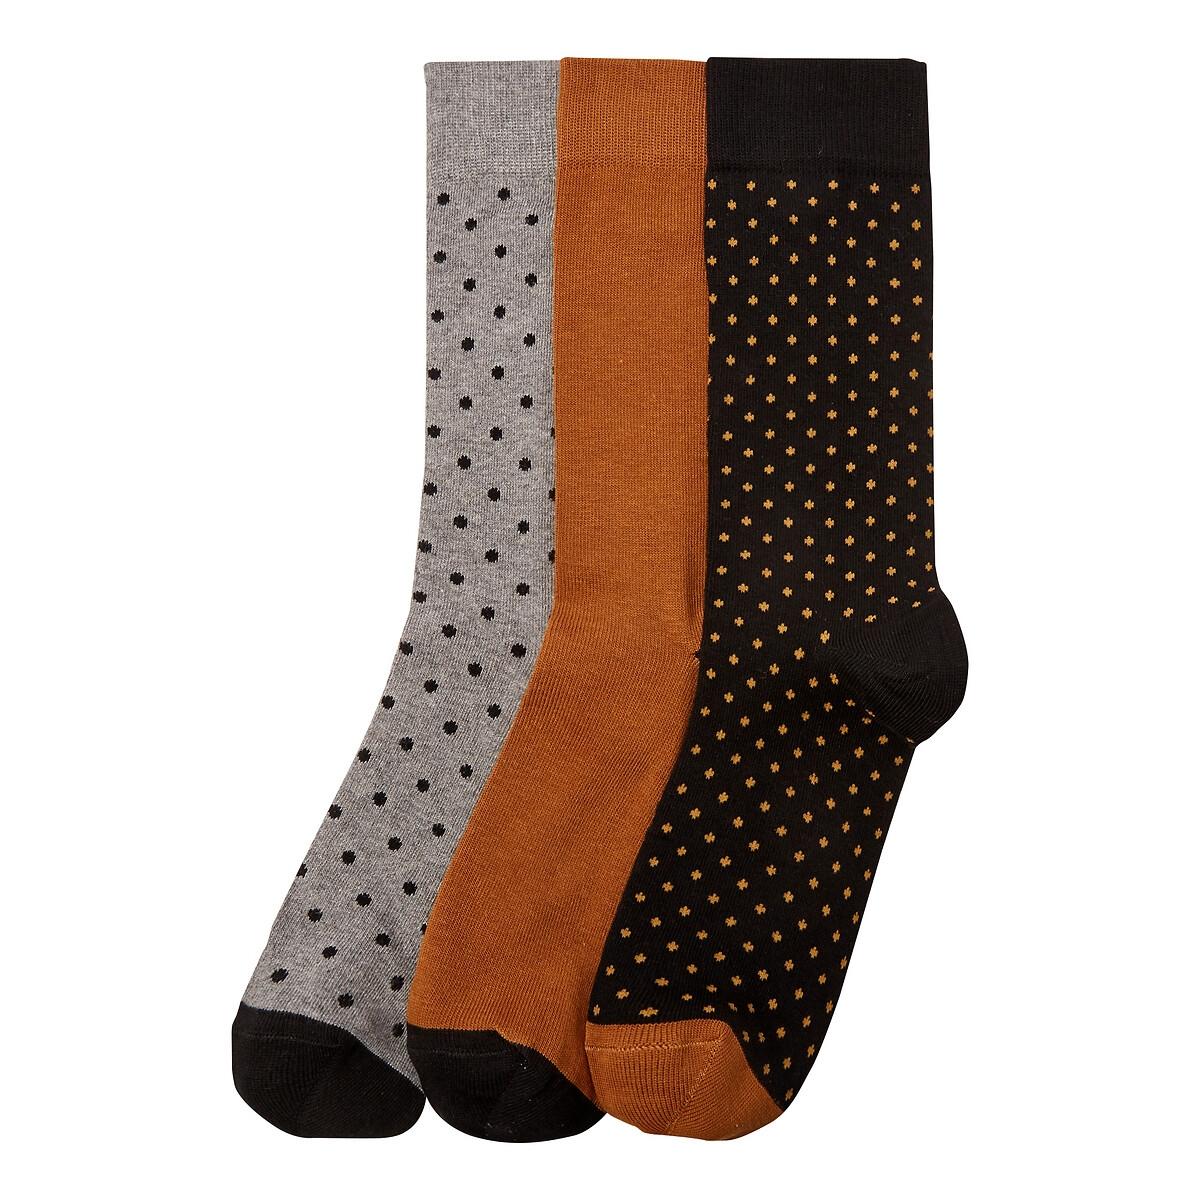 Комплект из 3 пар носков LaRedoute La Redoute 39/42 бежевый комплект из 6 пар носков la redoute la redoute 39 45 черный